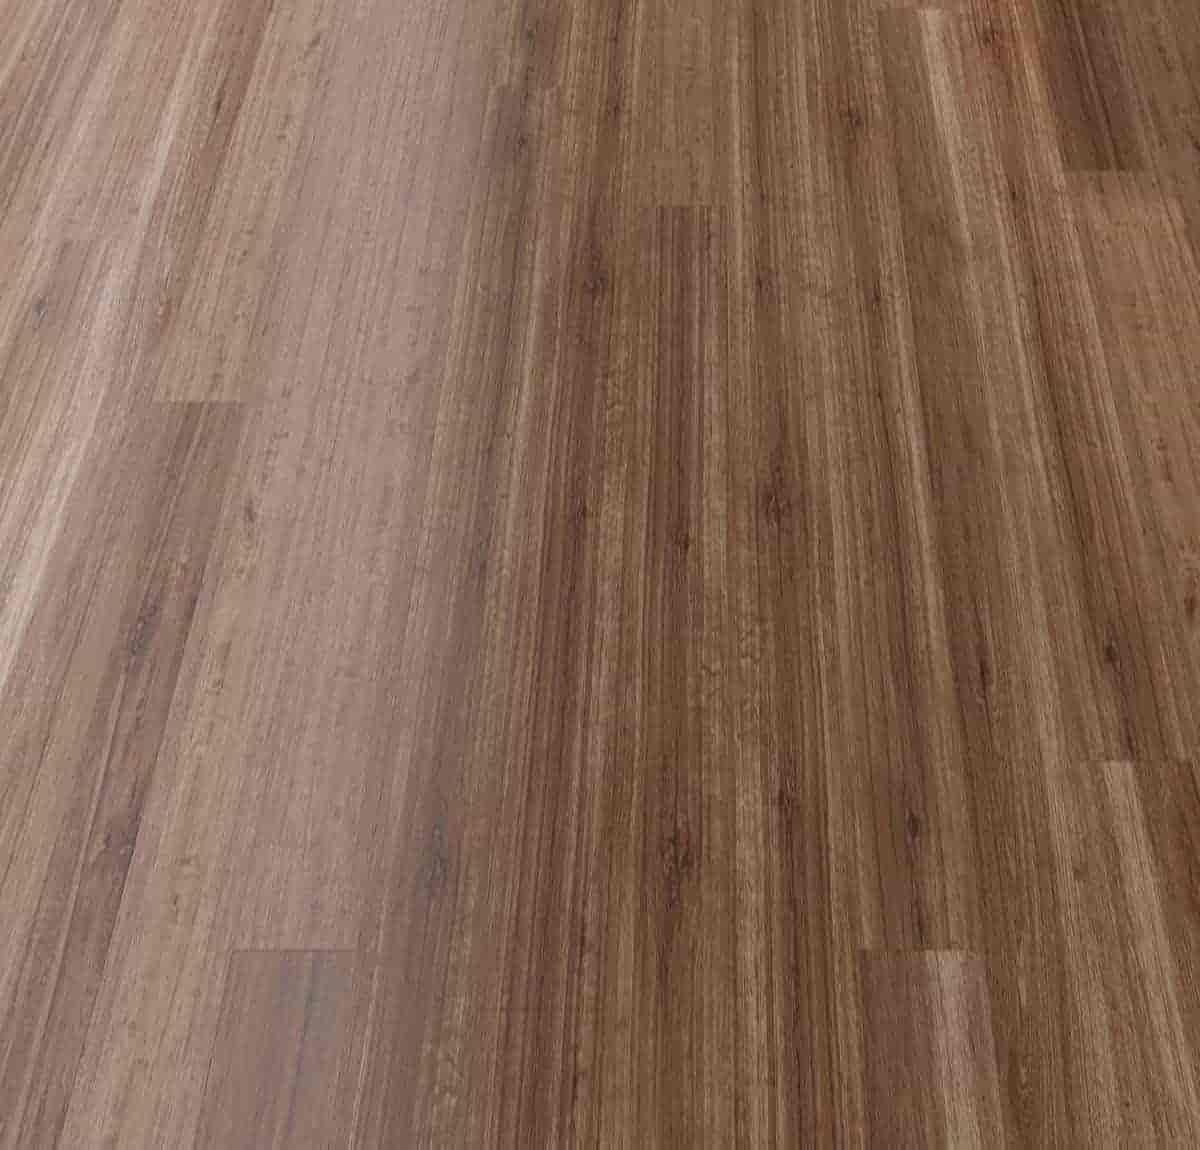 oxford brown home vinyl flooring